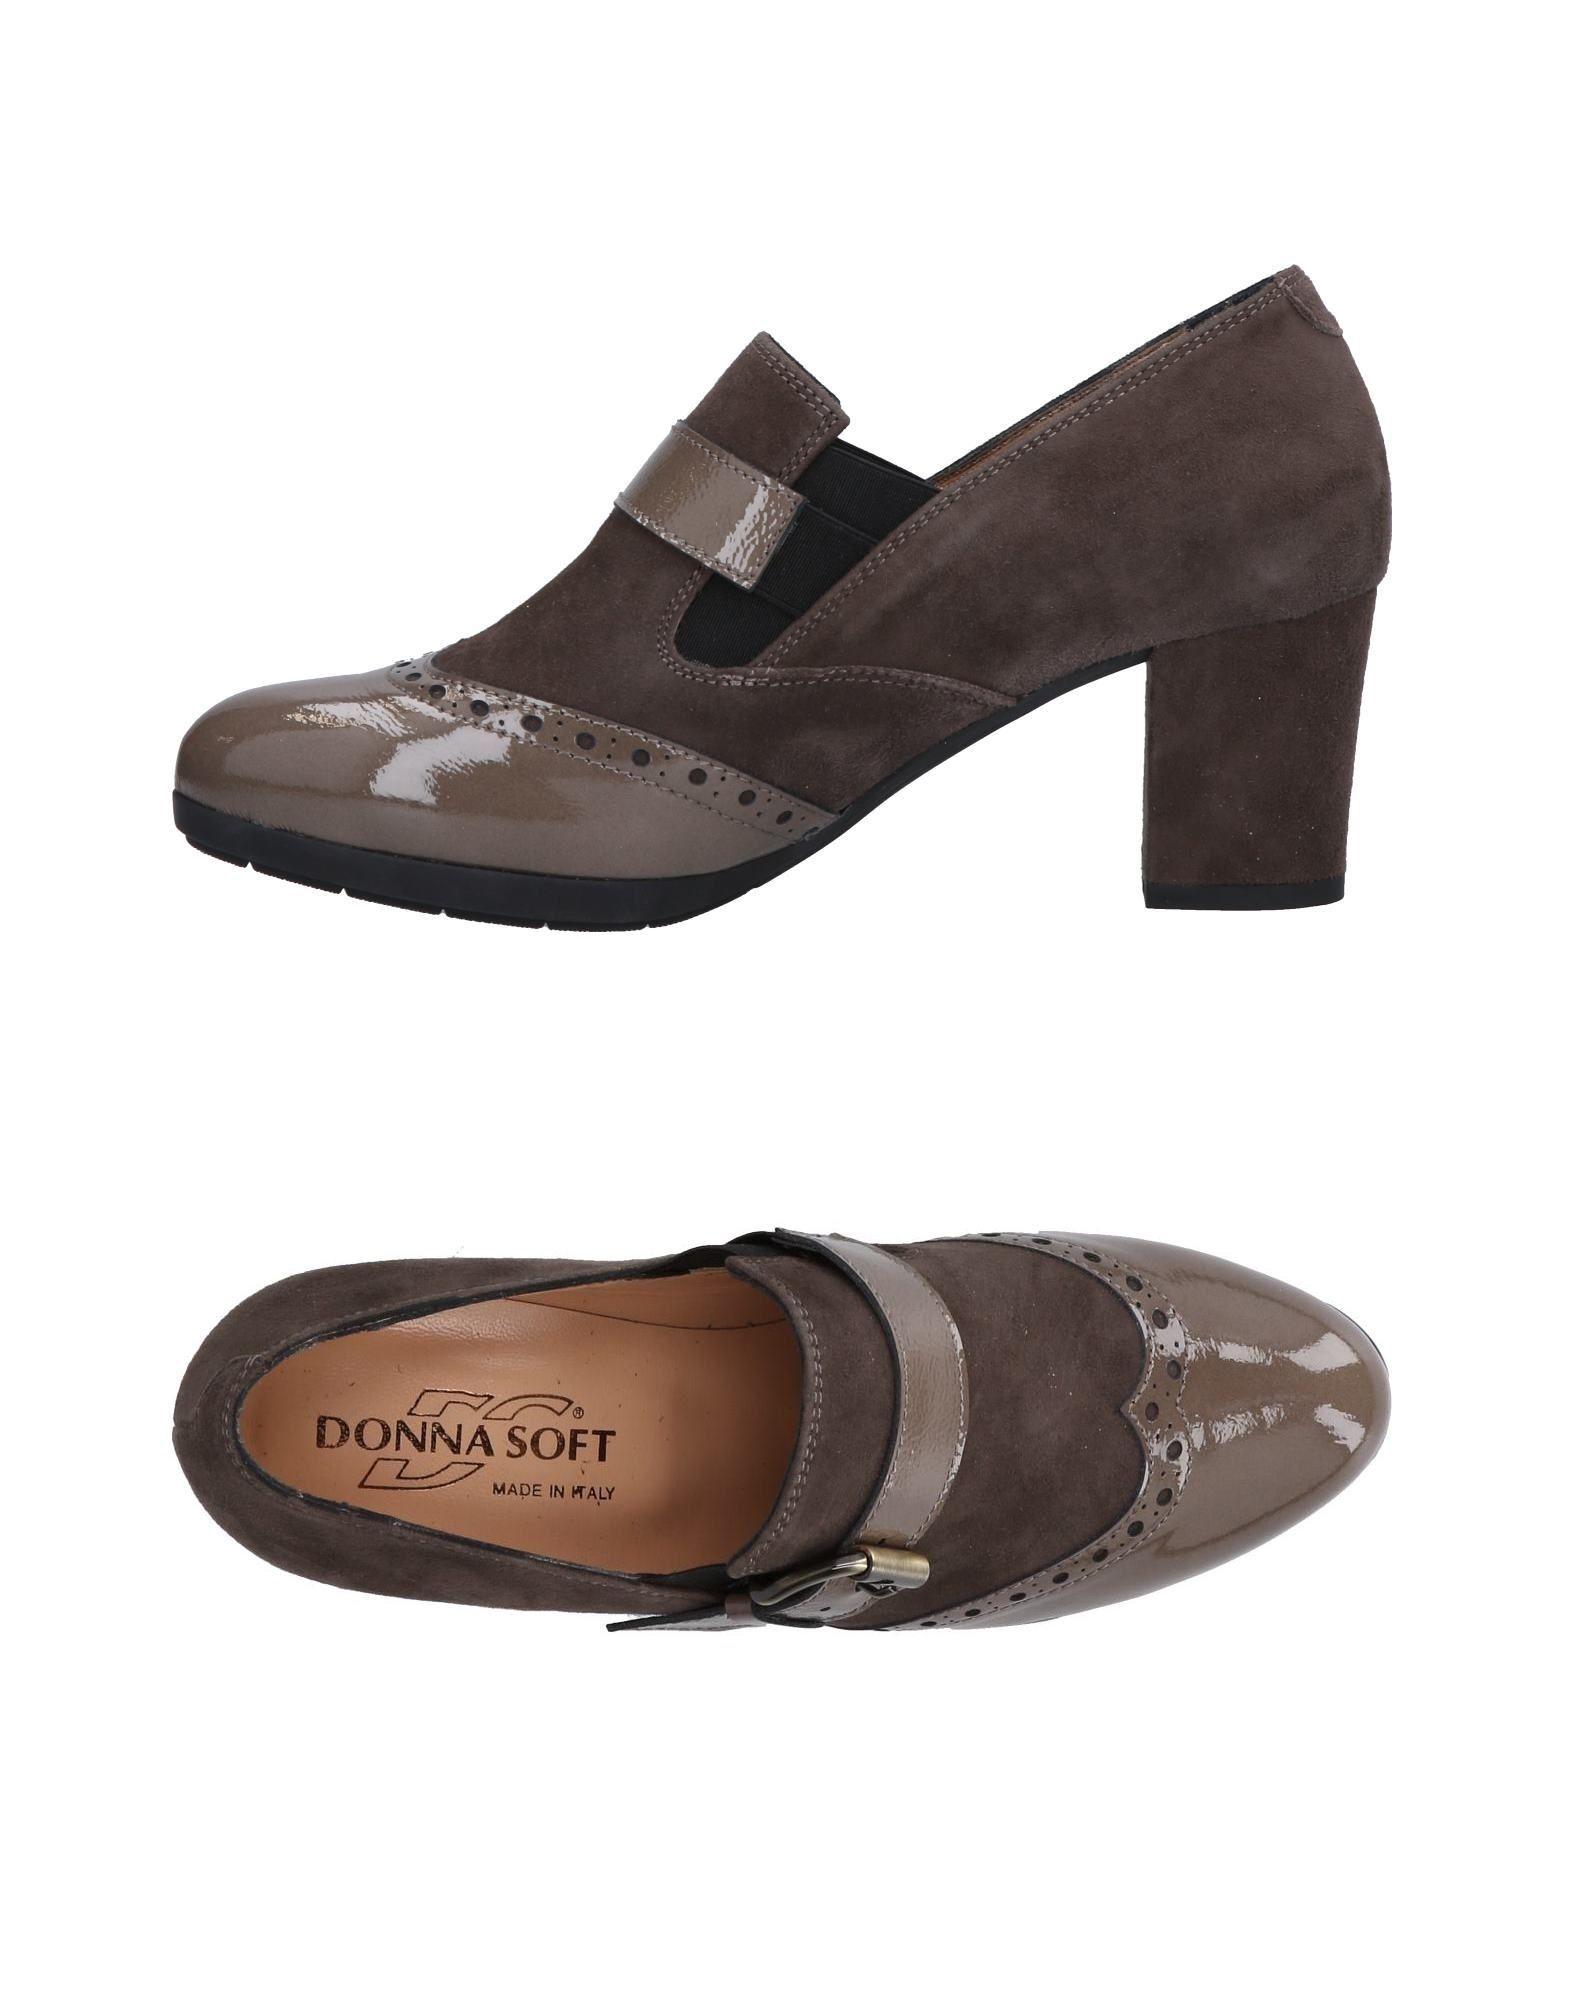 Mocassino Donna Soft Donna - 11487179SF